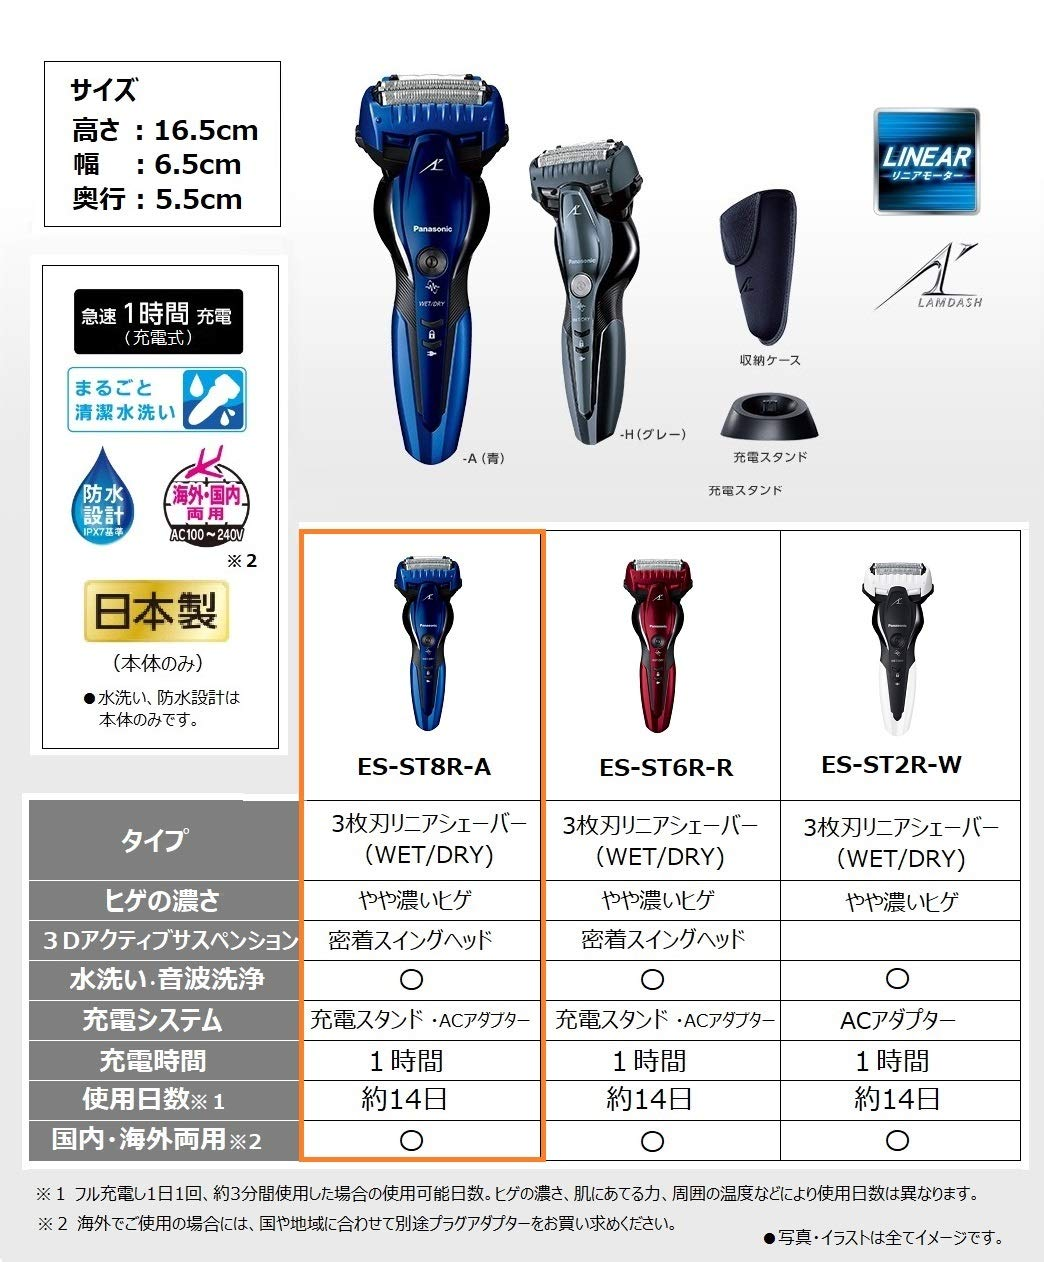 嘉頓國際 國際牌 PANASONIC【ES-ST8R】電動刮鬍刀 電鬍刀 鬍渣感測器 泡沫製造 電鬍刀 全機防水 1